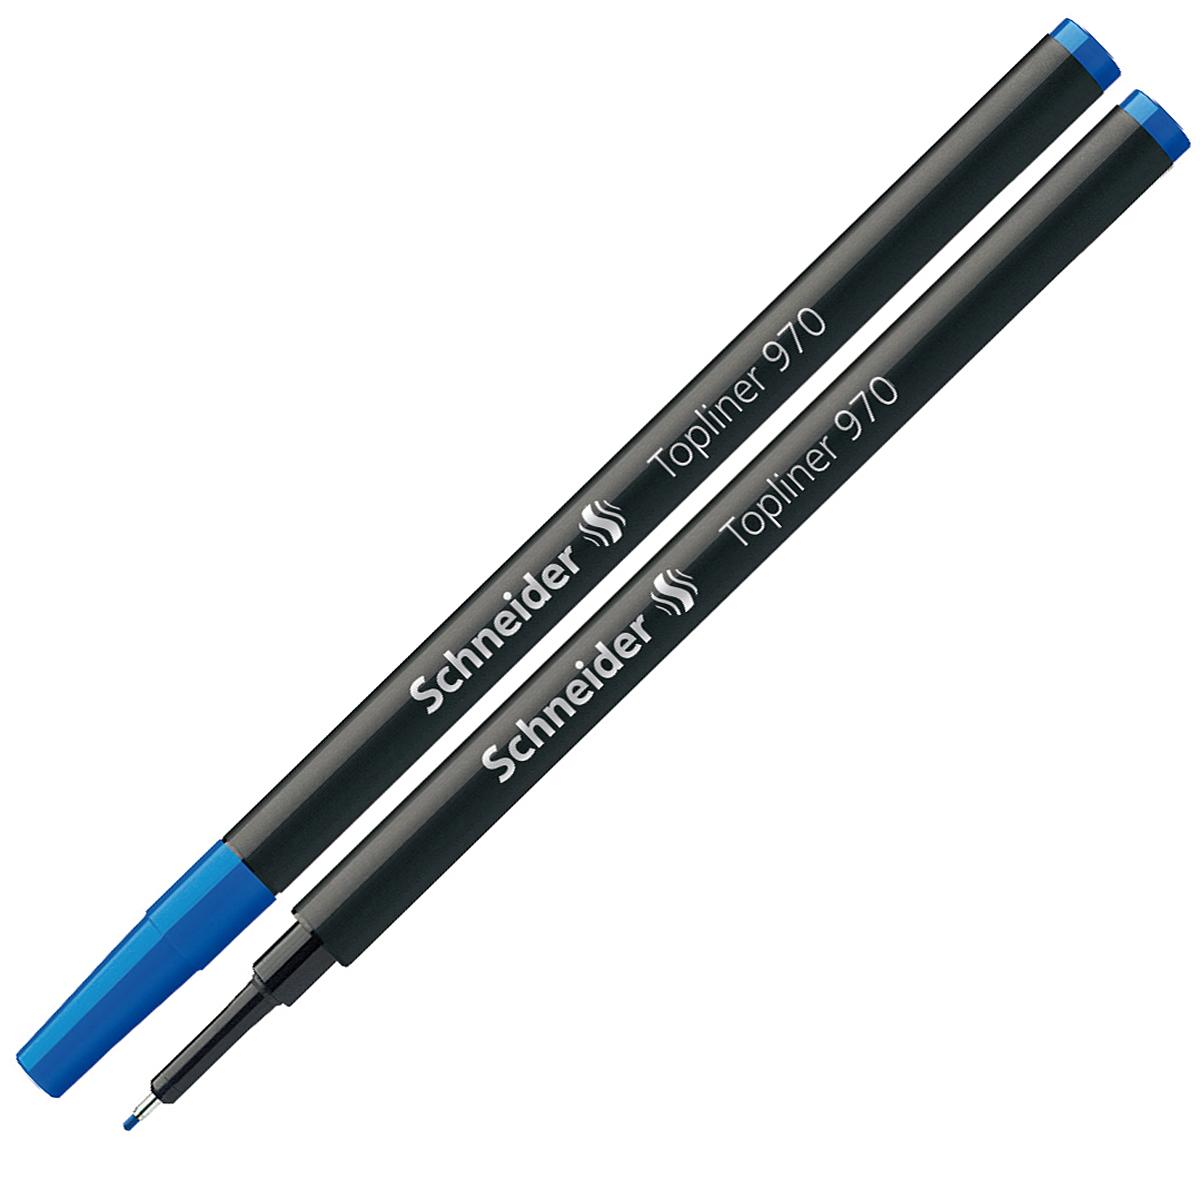 Стержень Schneider, капиллярный, цвет: синий. S970S970/3 S970-01/3Капиллярный стержень евро-формата Schneider предназначен для линеров. Металлический трубчатый наконечник для особо четкого и тонкого письма, рисования и черчения. Ширина штриха - 0,4 мм. Комплектуется защитным колпачком. Подходит для Topball 811, а также для Xtra Change. В комплекте один стержень.